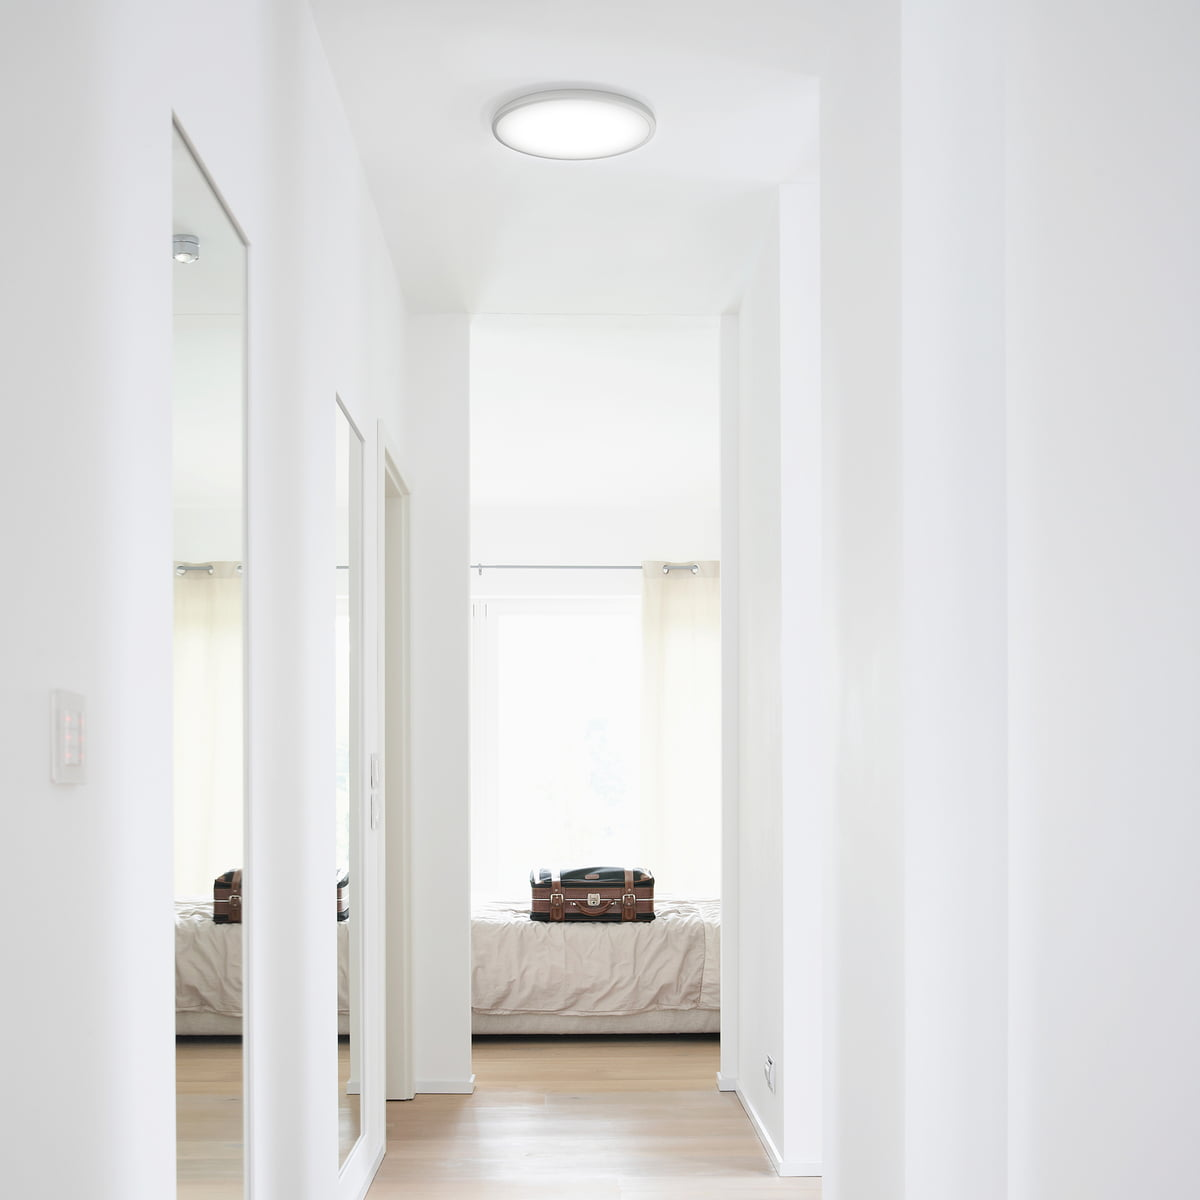 Die Osram   Silara LED Deckenleuchte